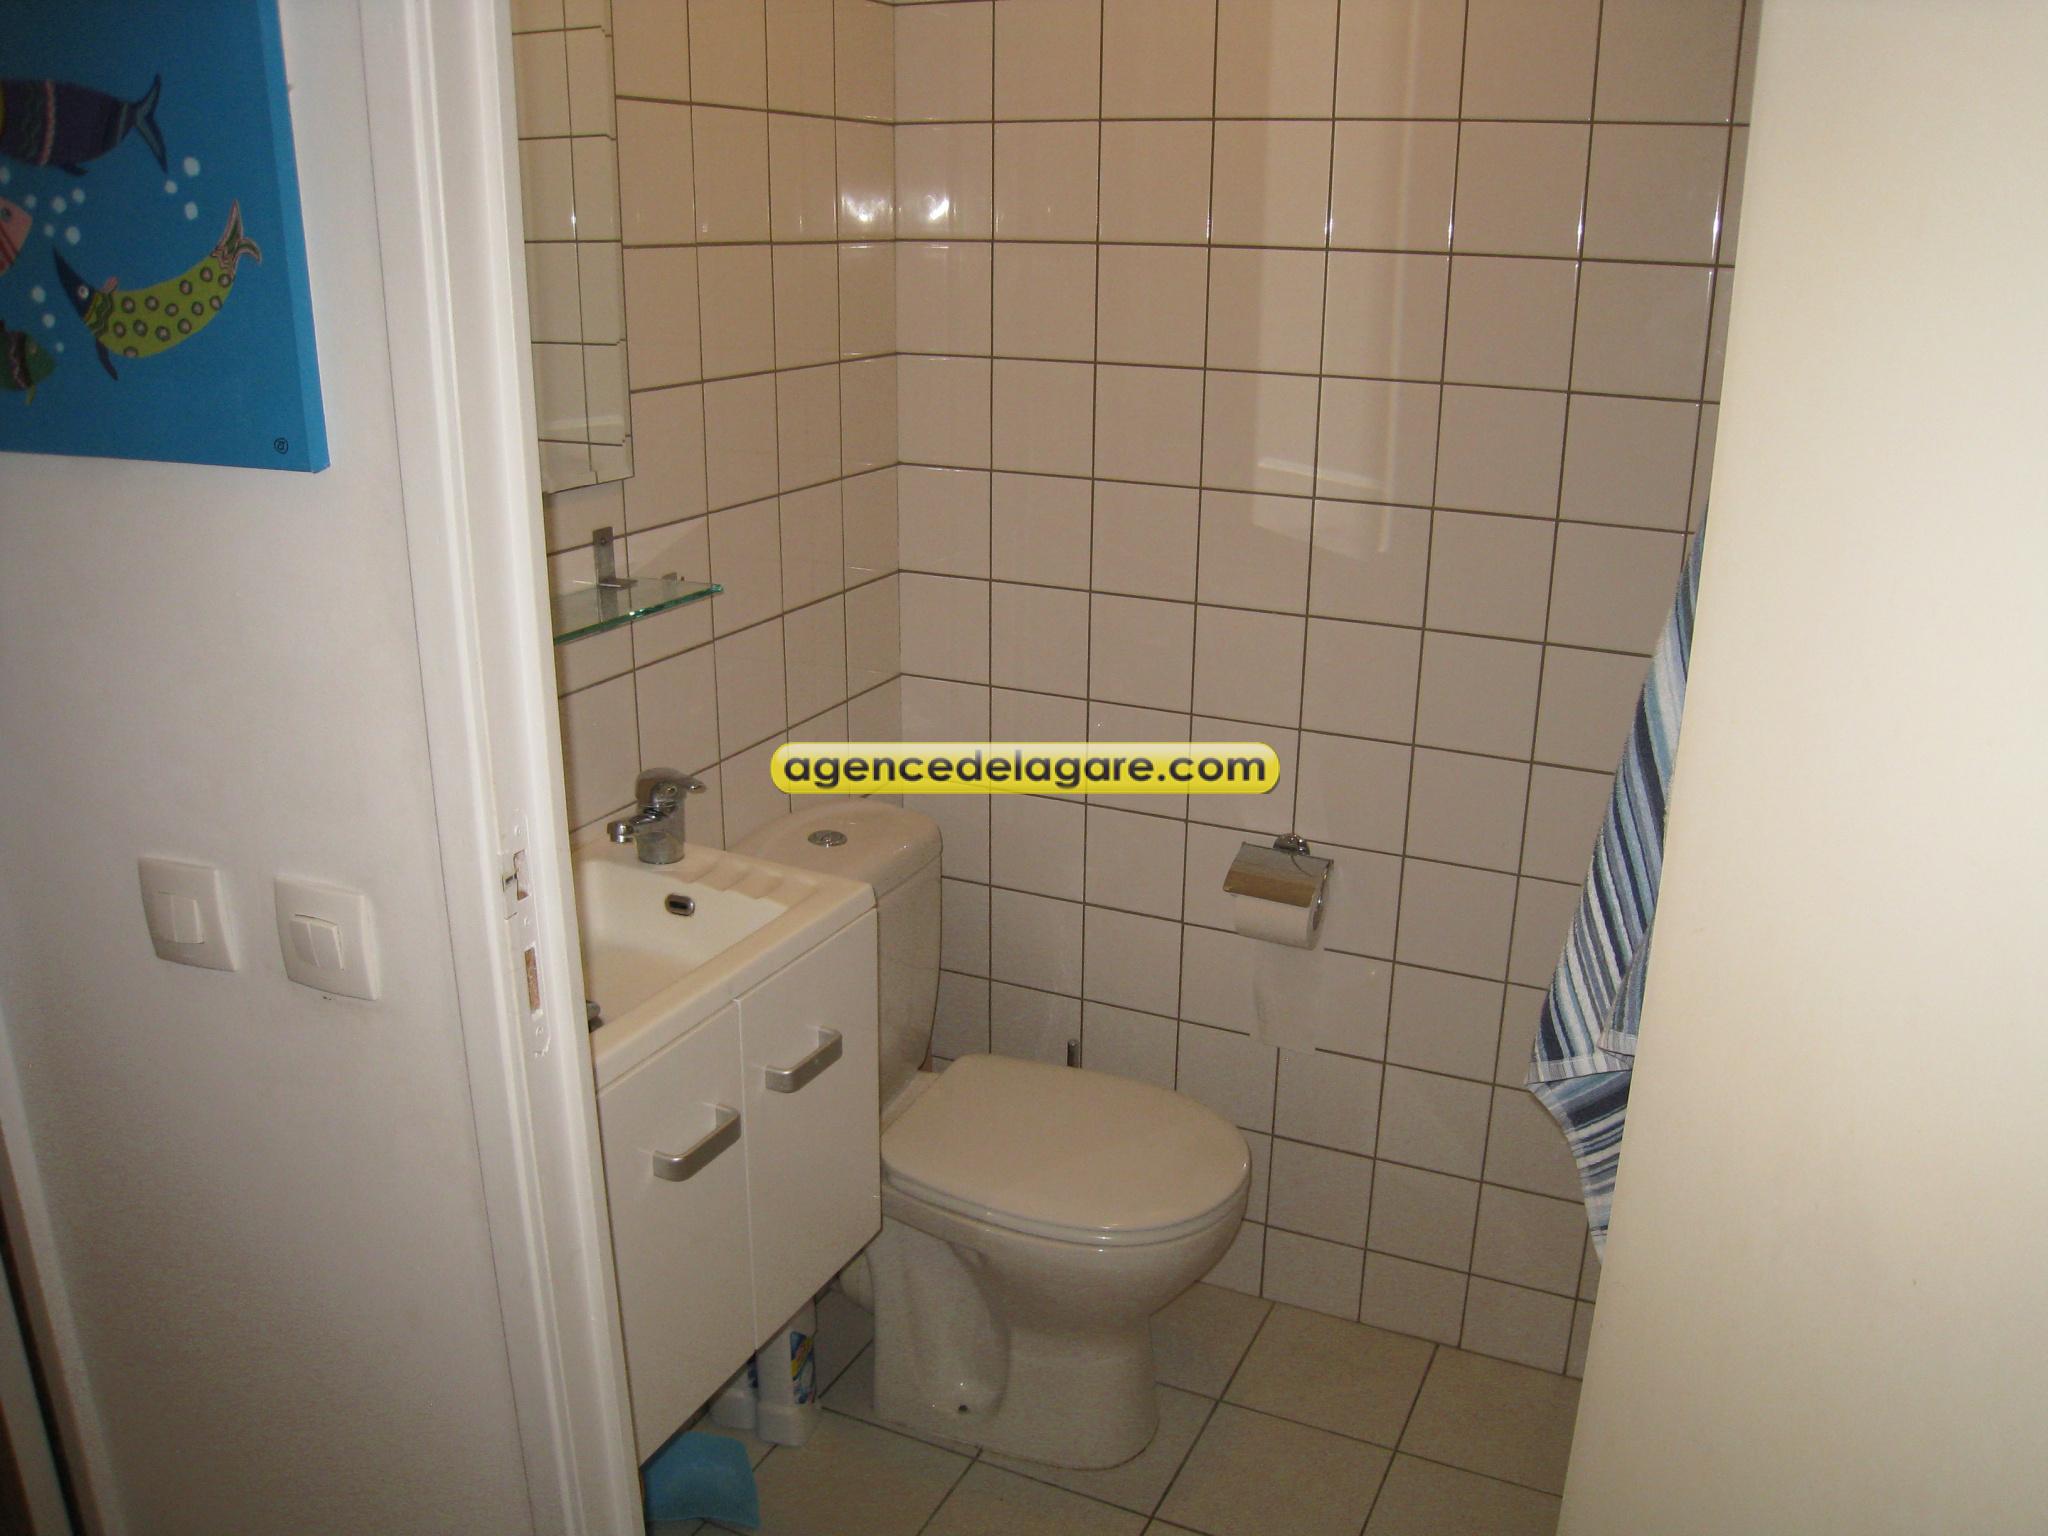 www.agencedelagare.com